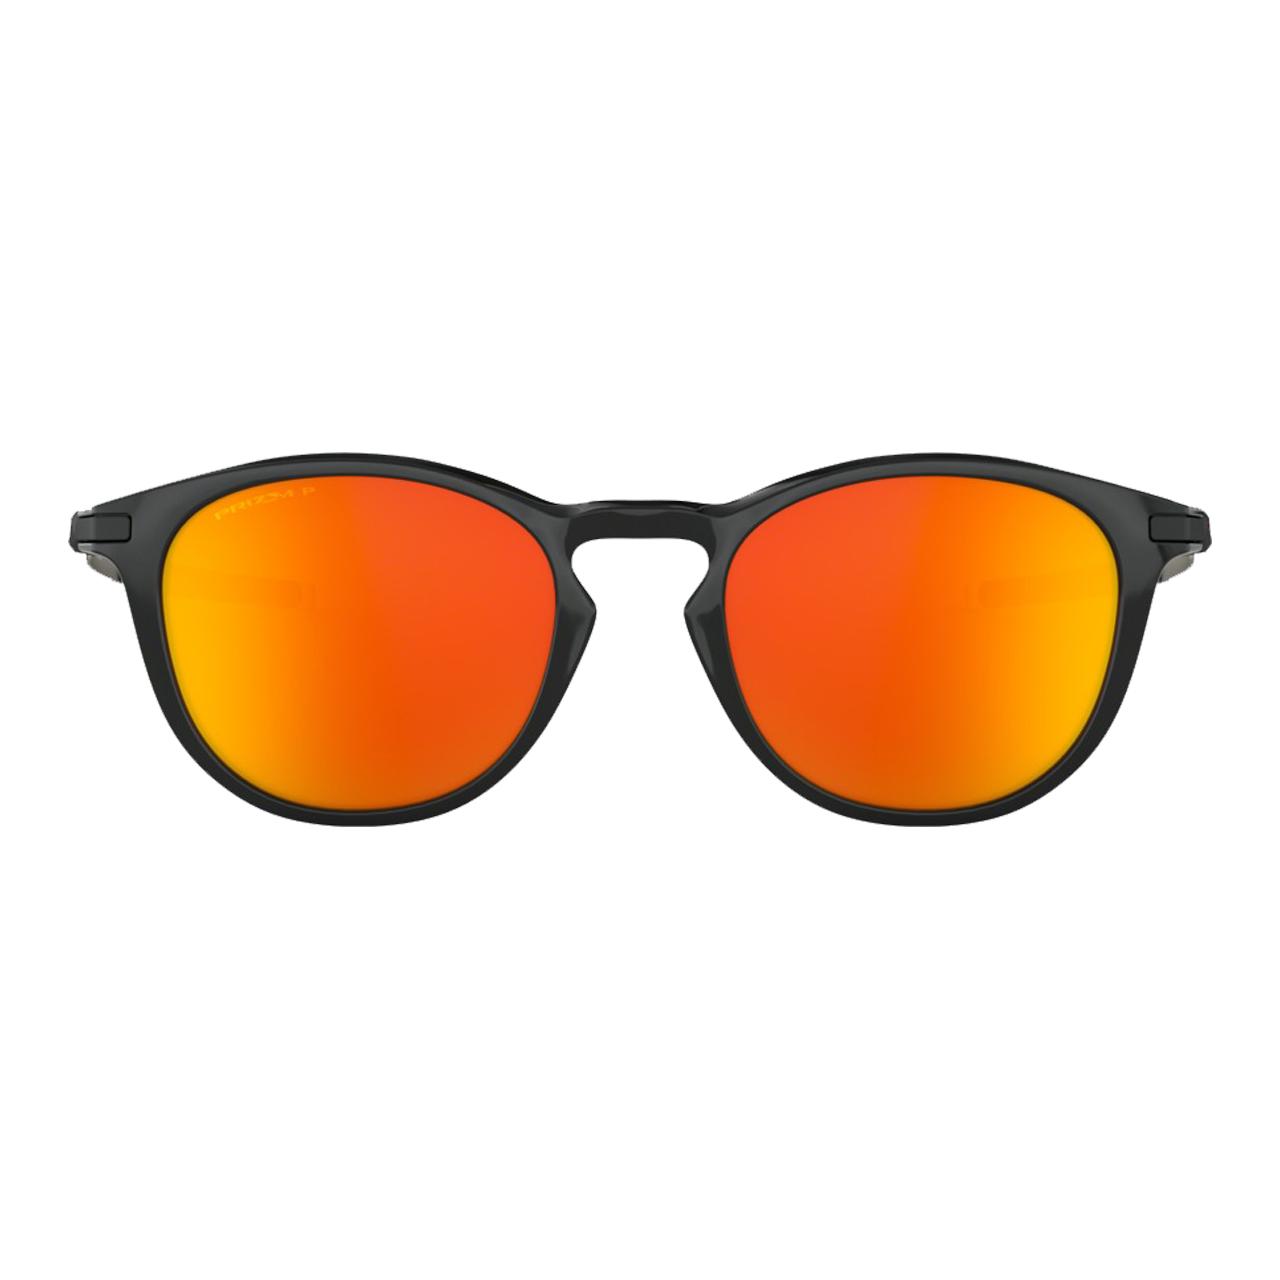 عینک آفتابی اوکلی مدل PITCHMAN R سری OO9439-05